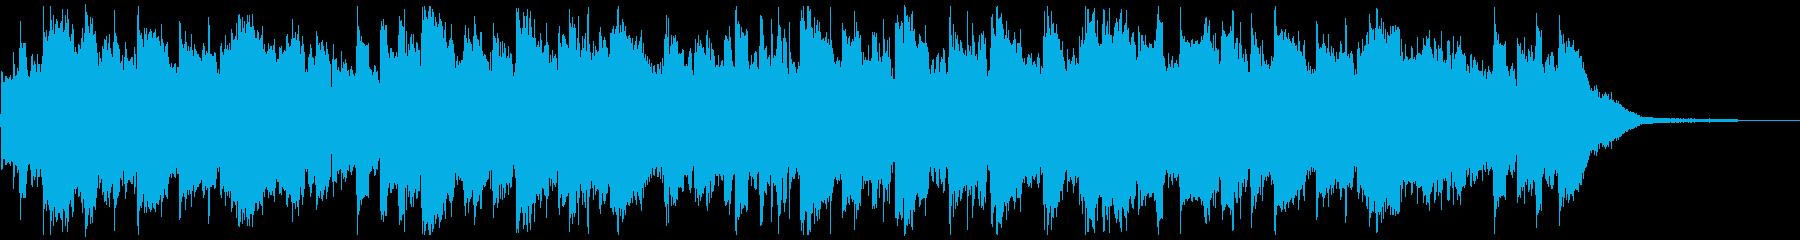 CM・かっこいいディスコの再生済みの波形